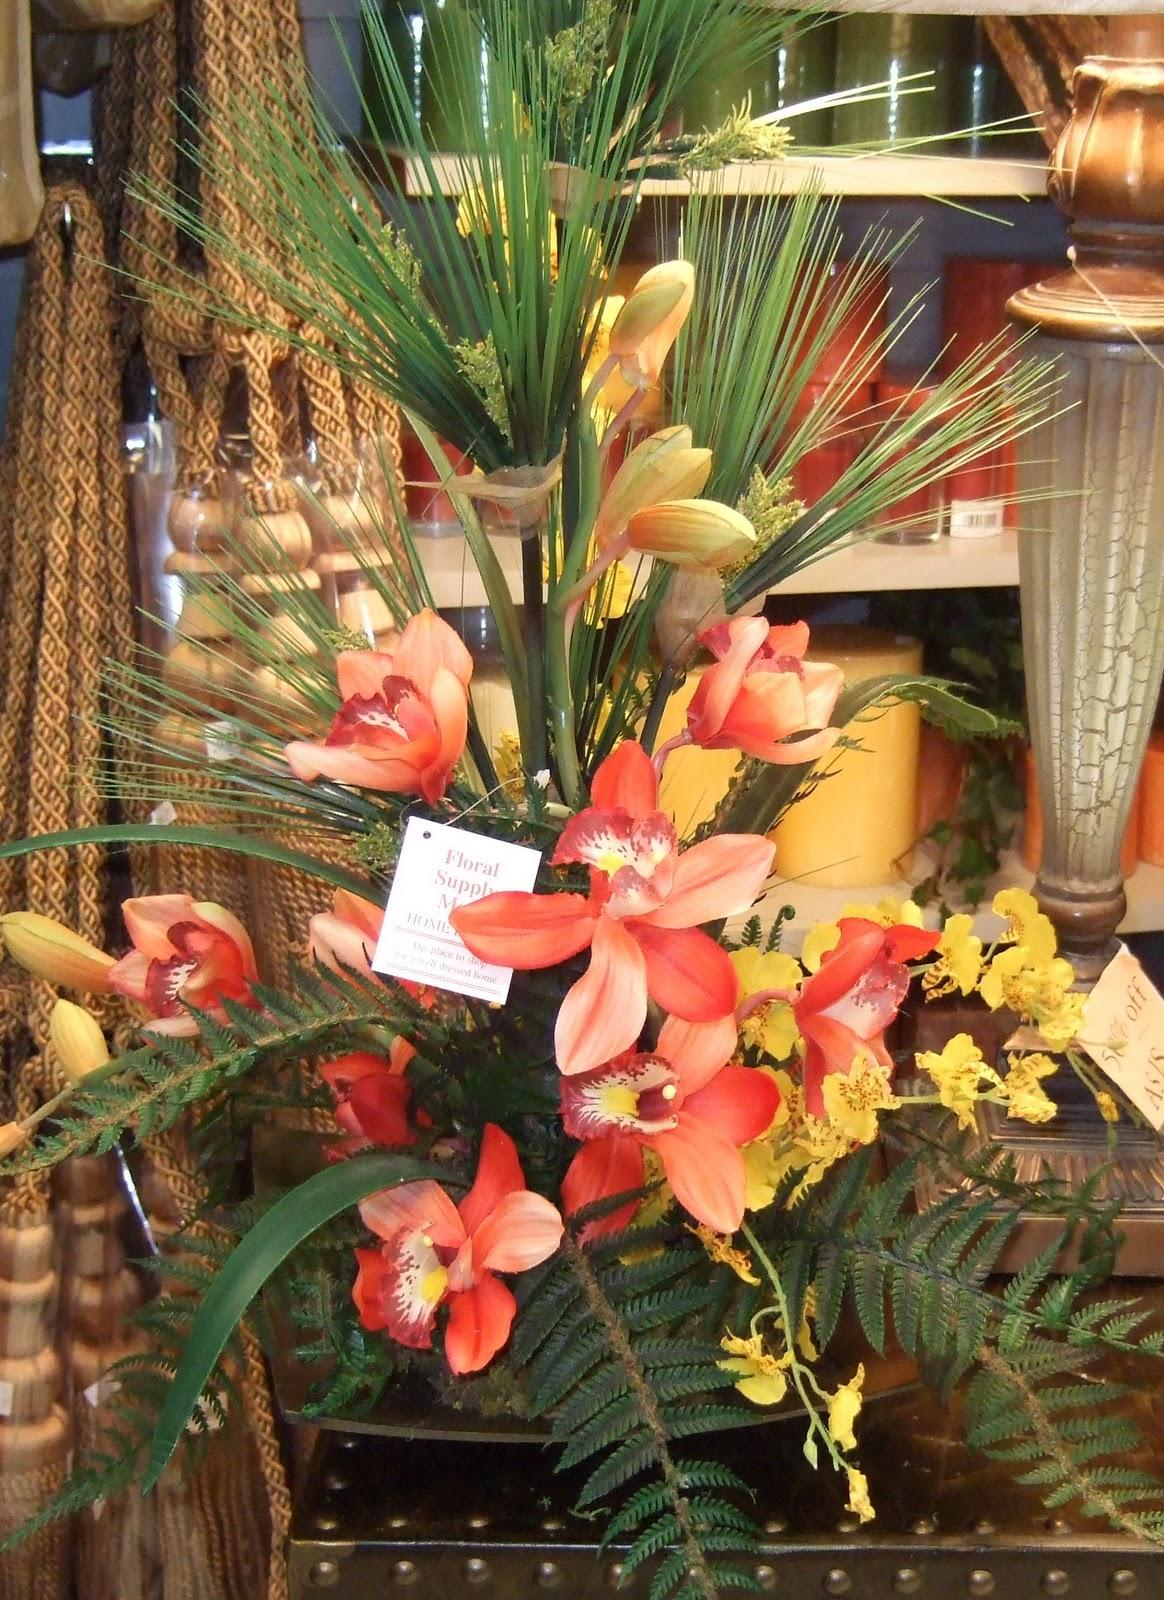 Anasilkflowers Images Silk Orchid Flowers